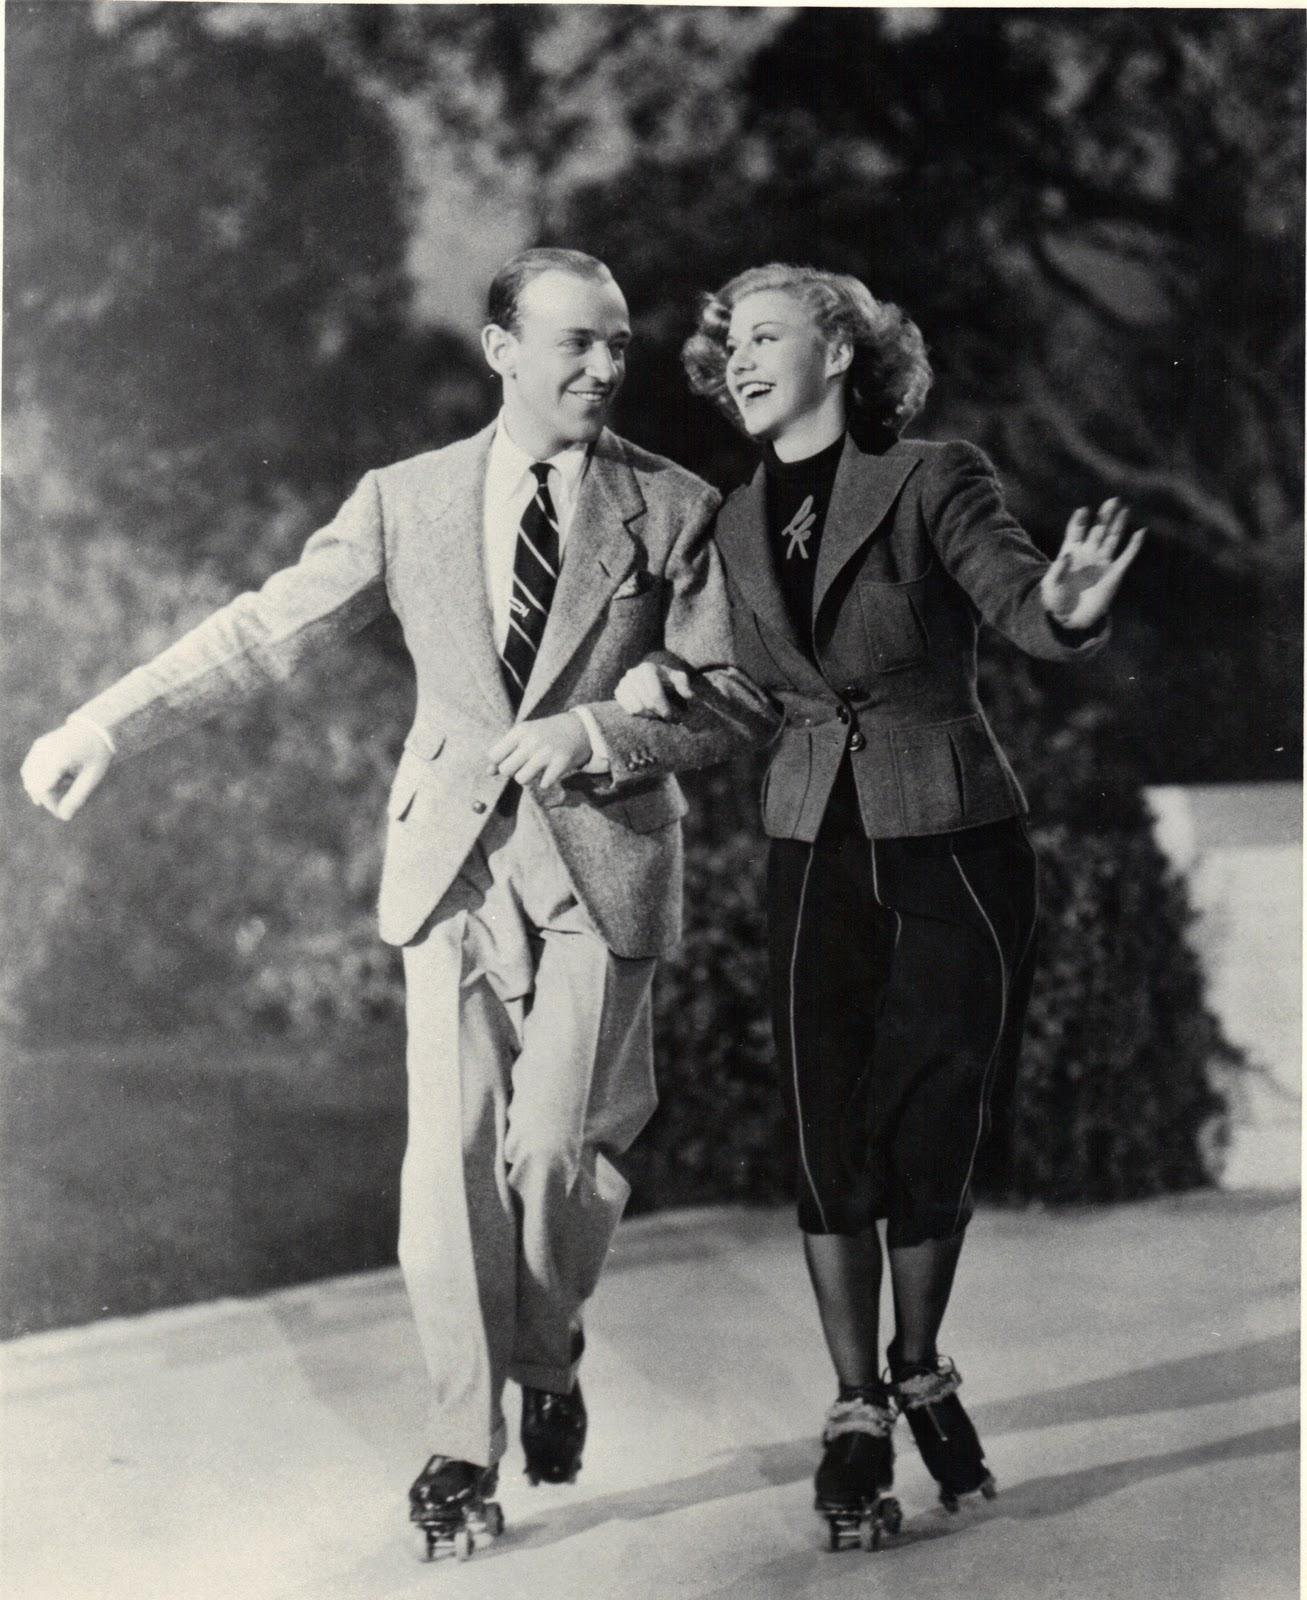 佛雷與金姐,1937 年浪漫喜劇《Shall We Dance》